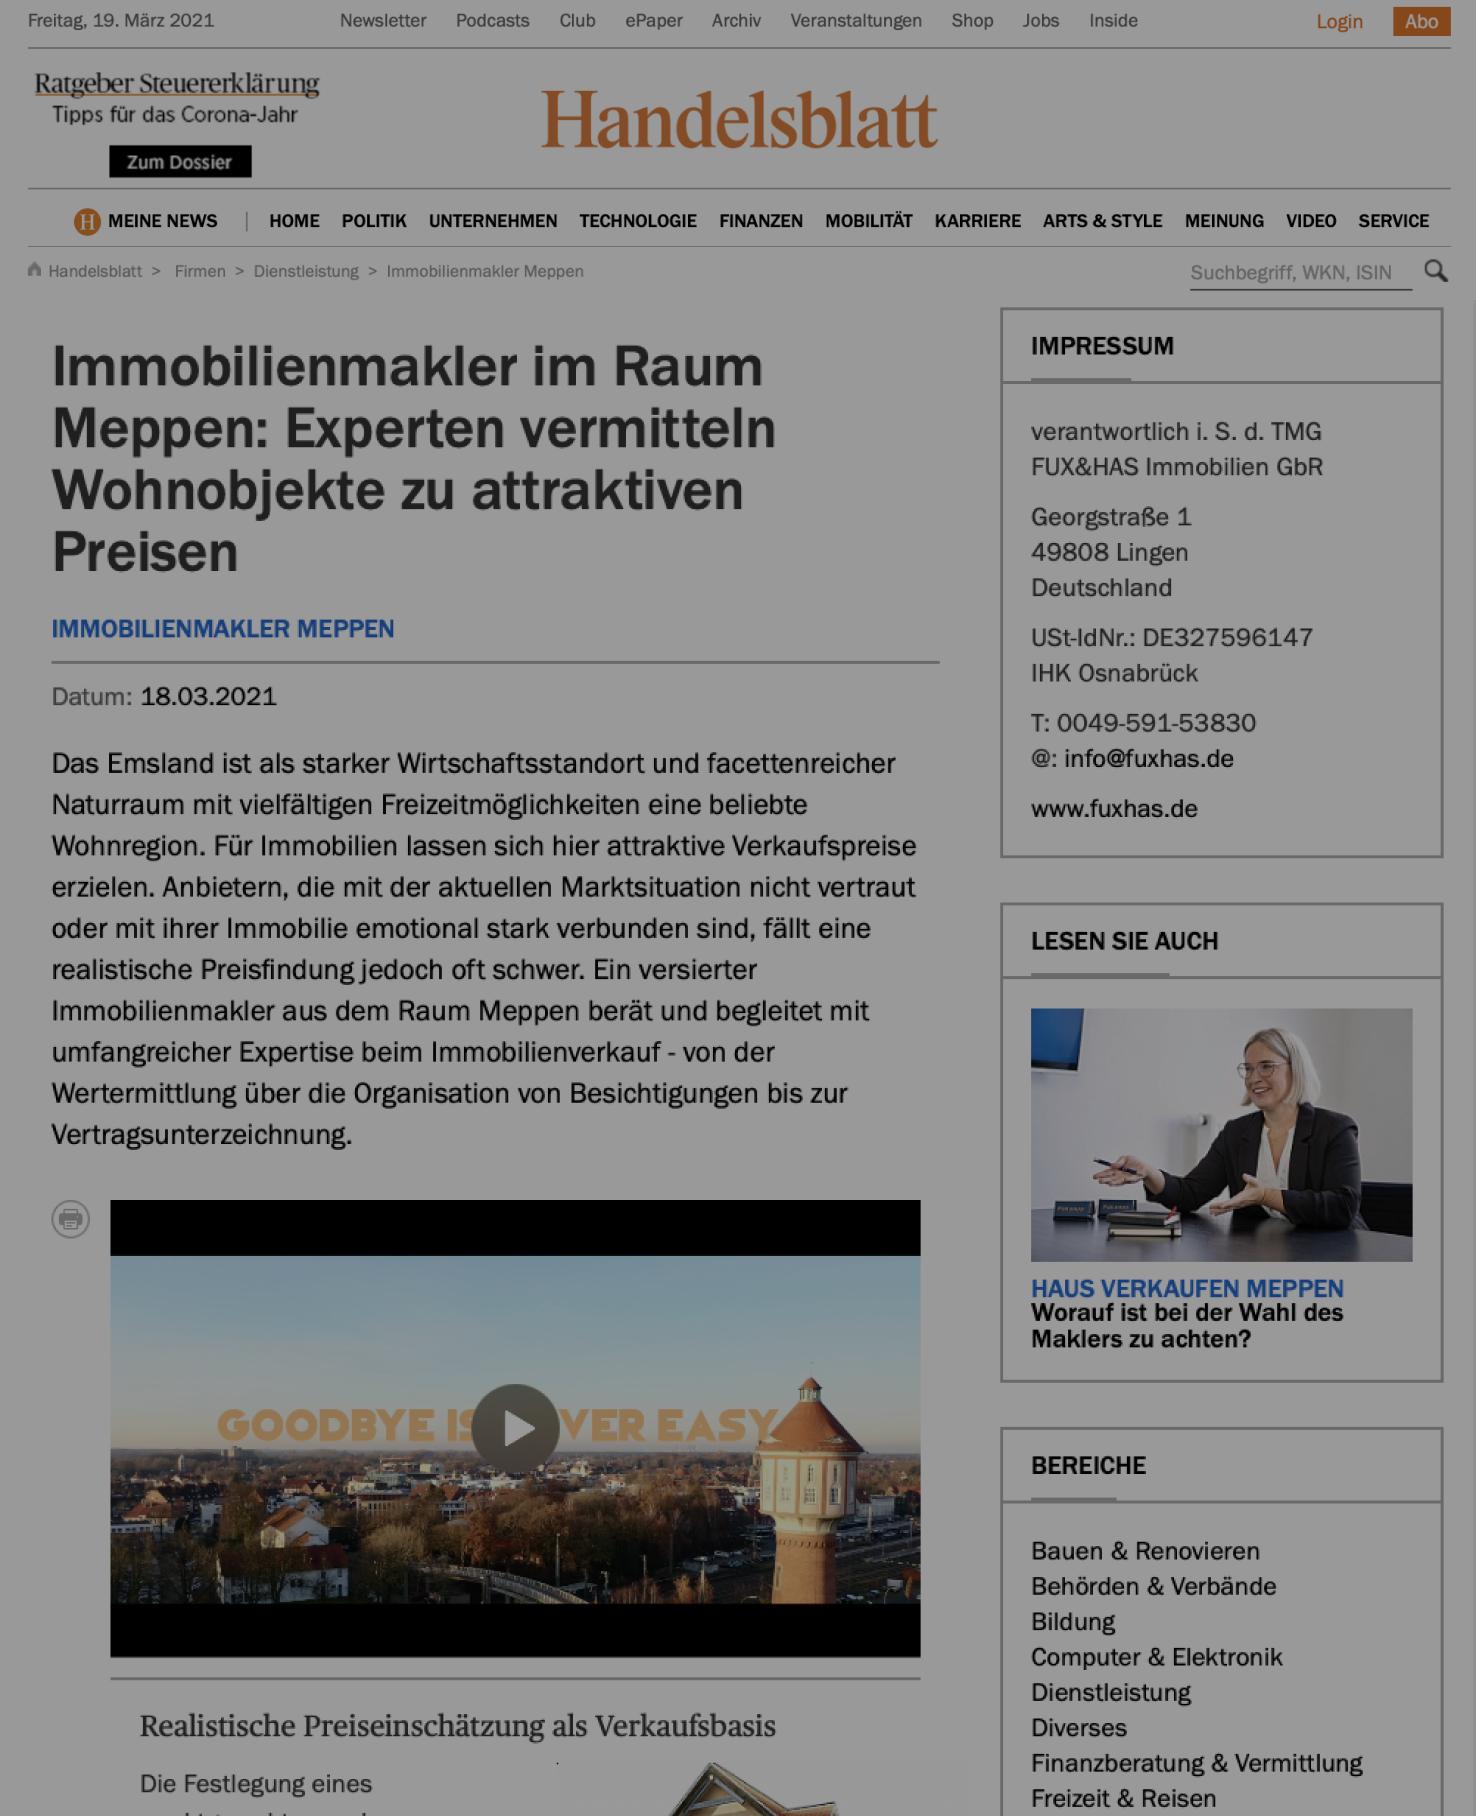 Handelsblatt Fux&has